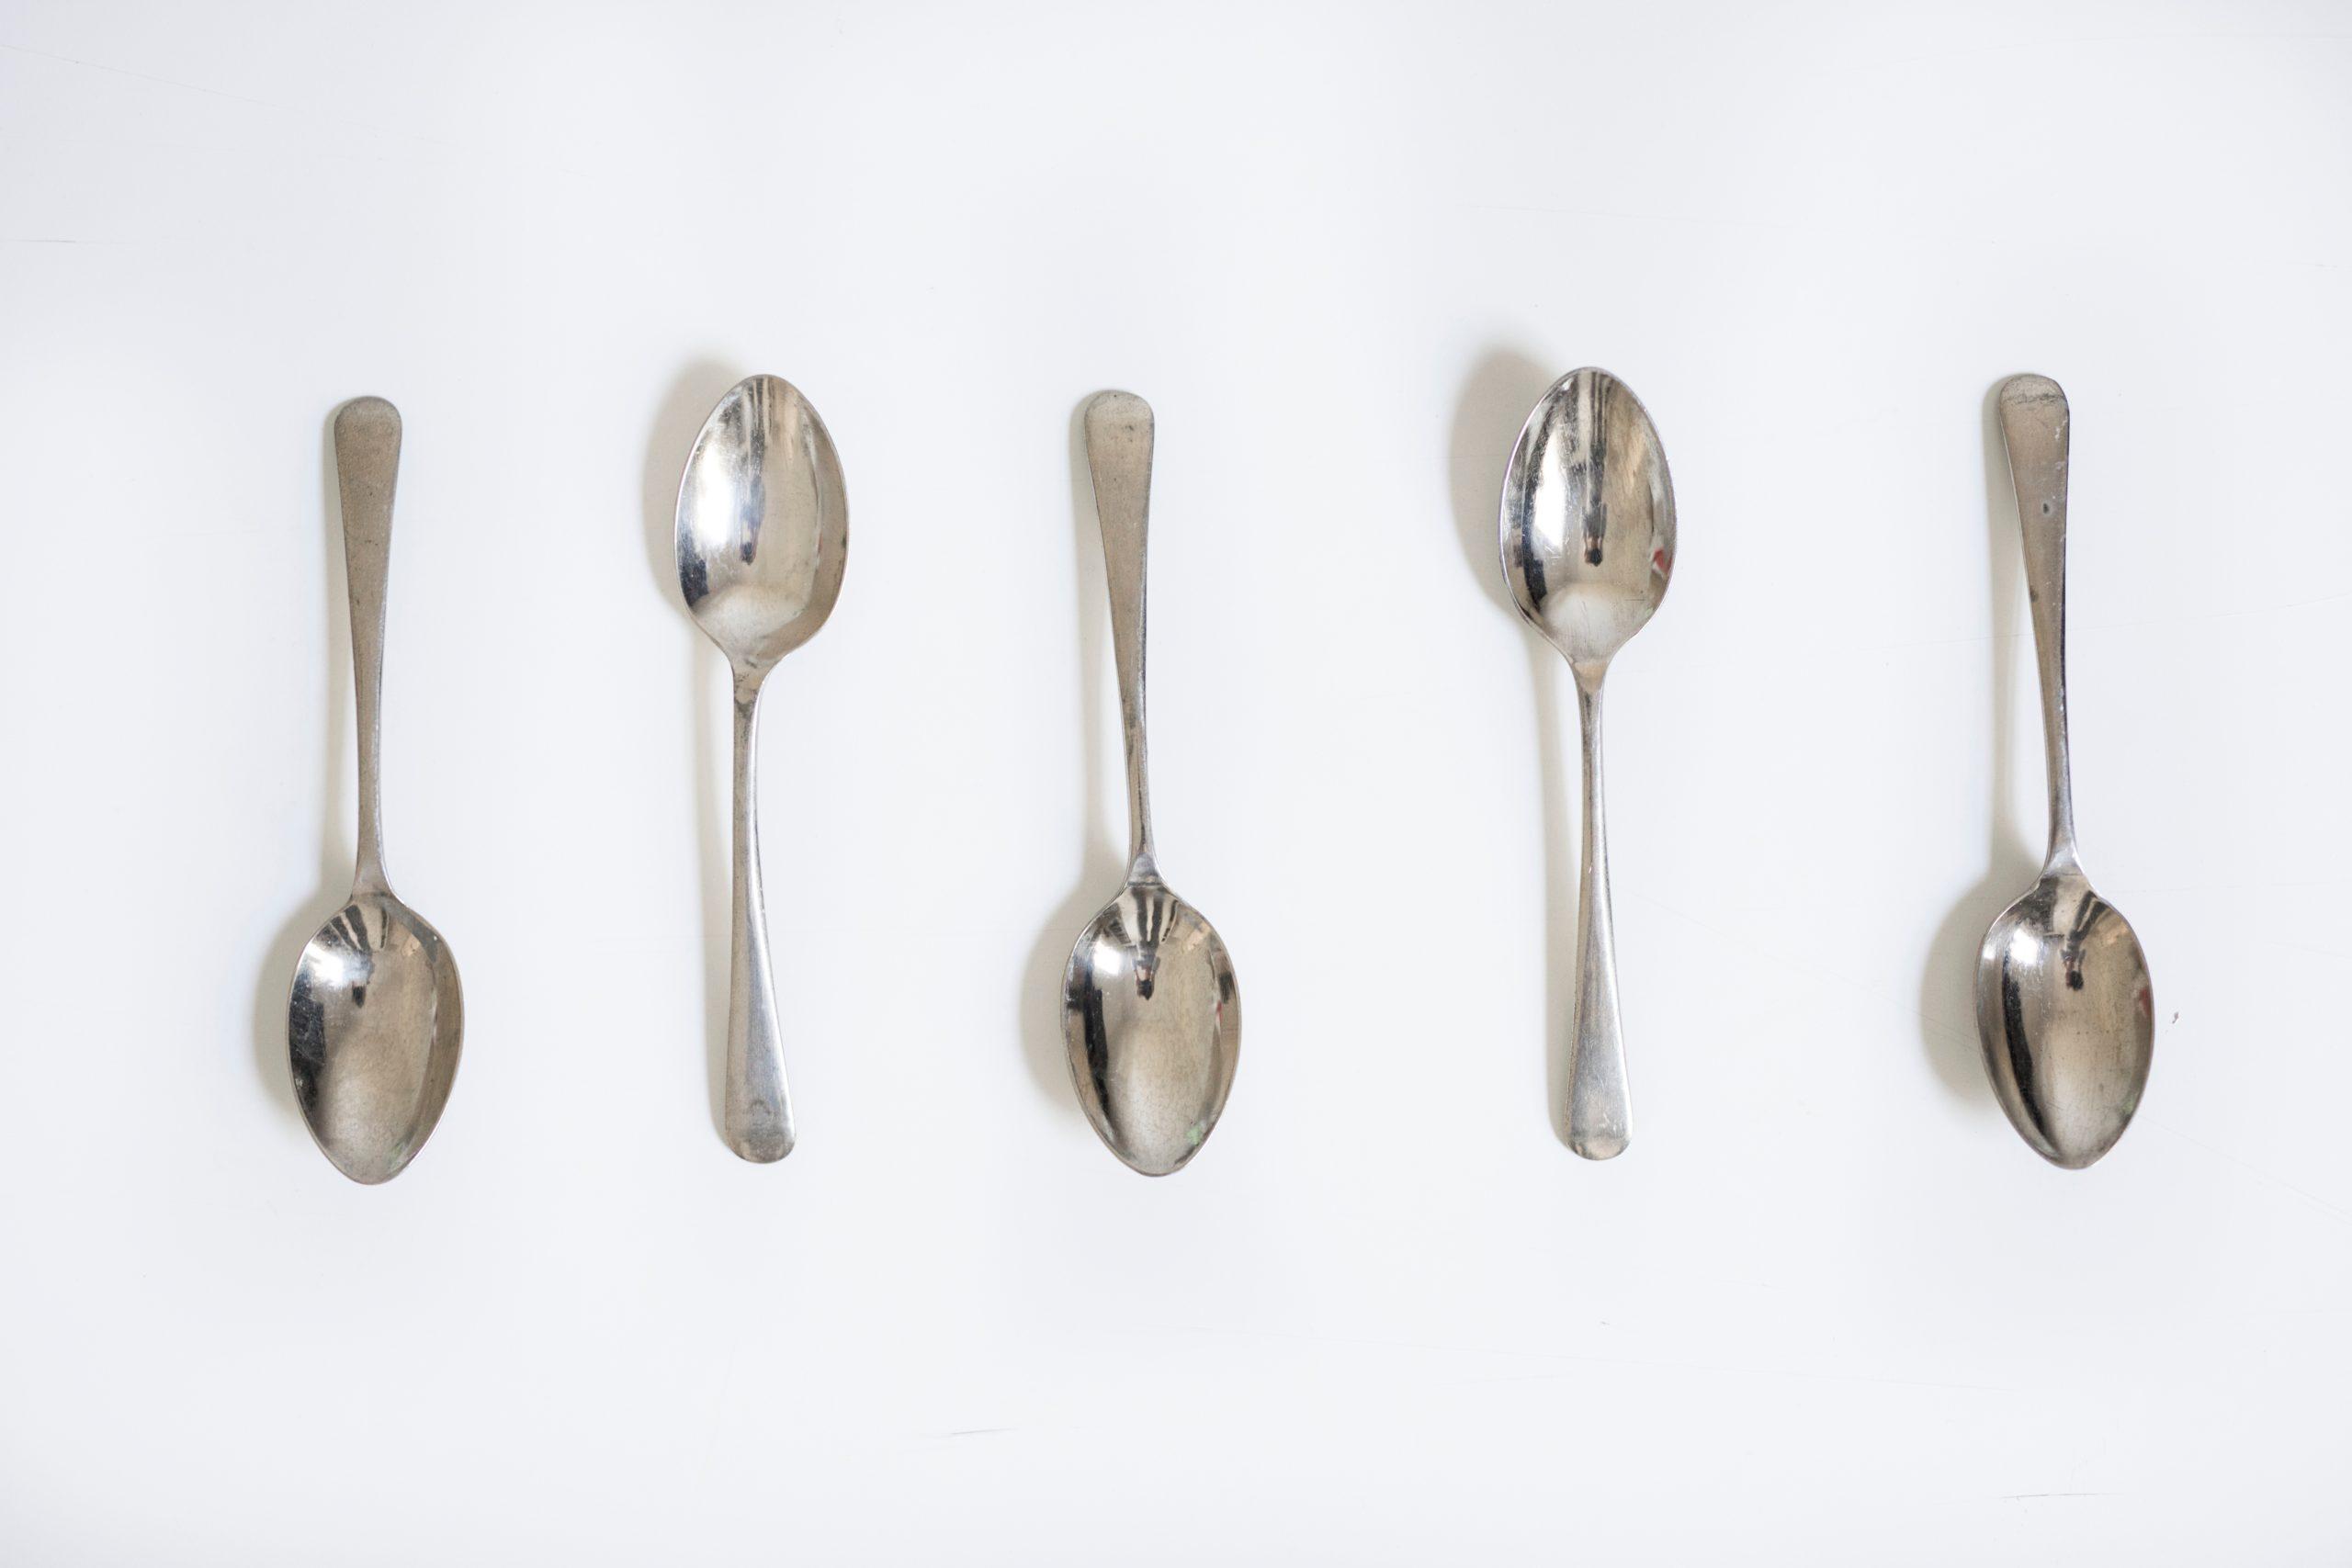 Cómo limpiar la plata - cucharas de plata